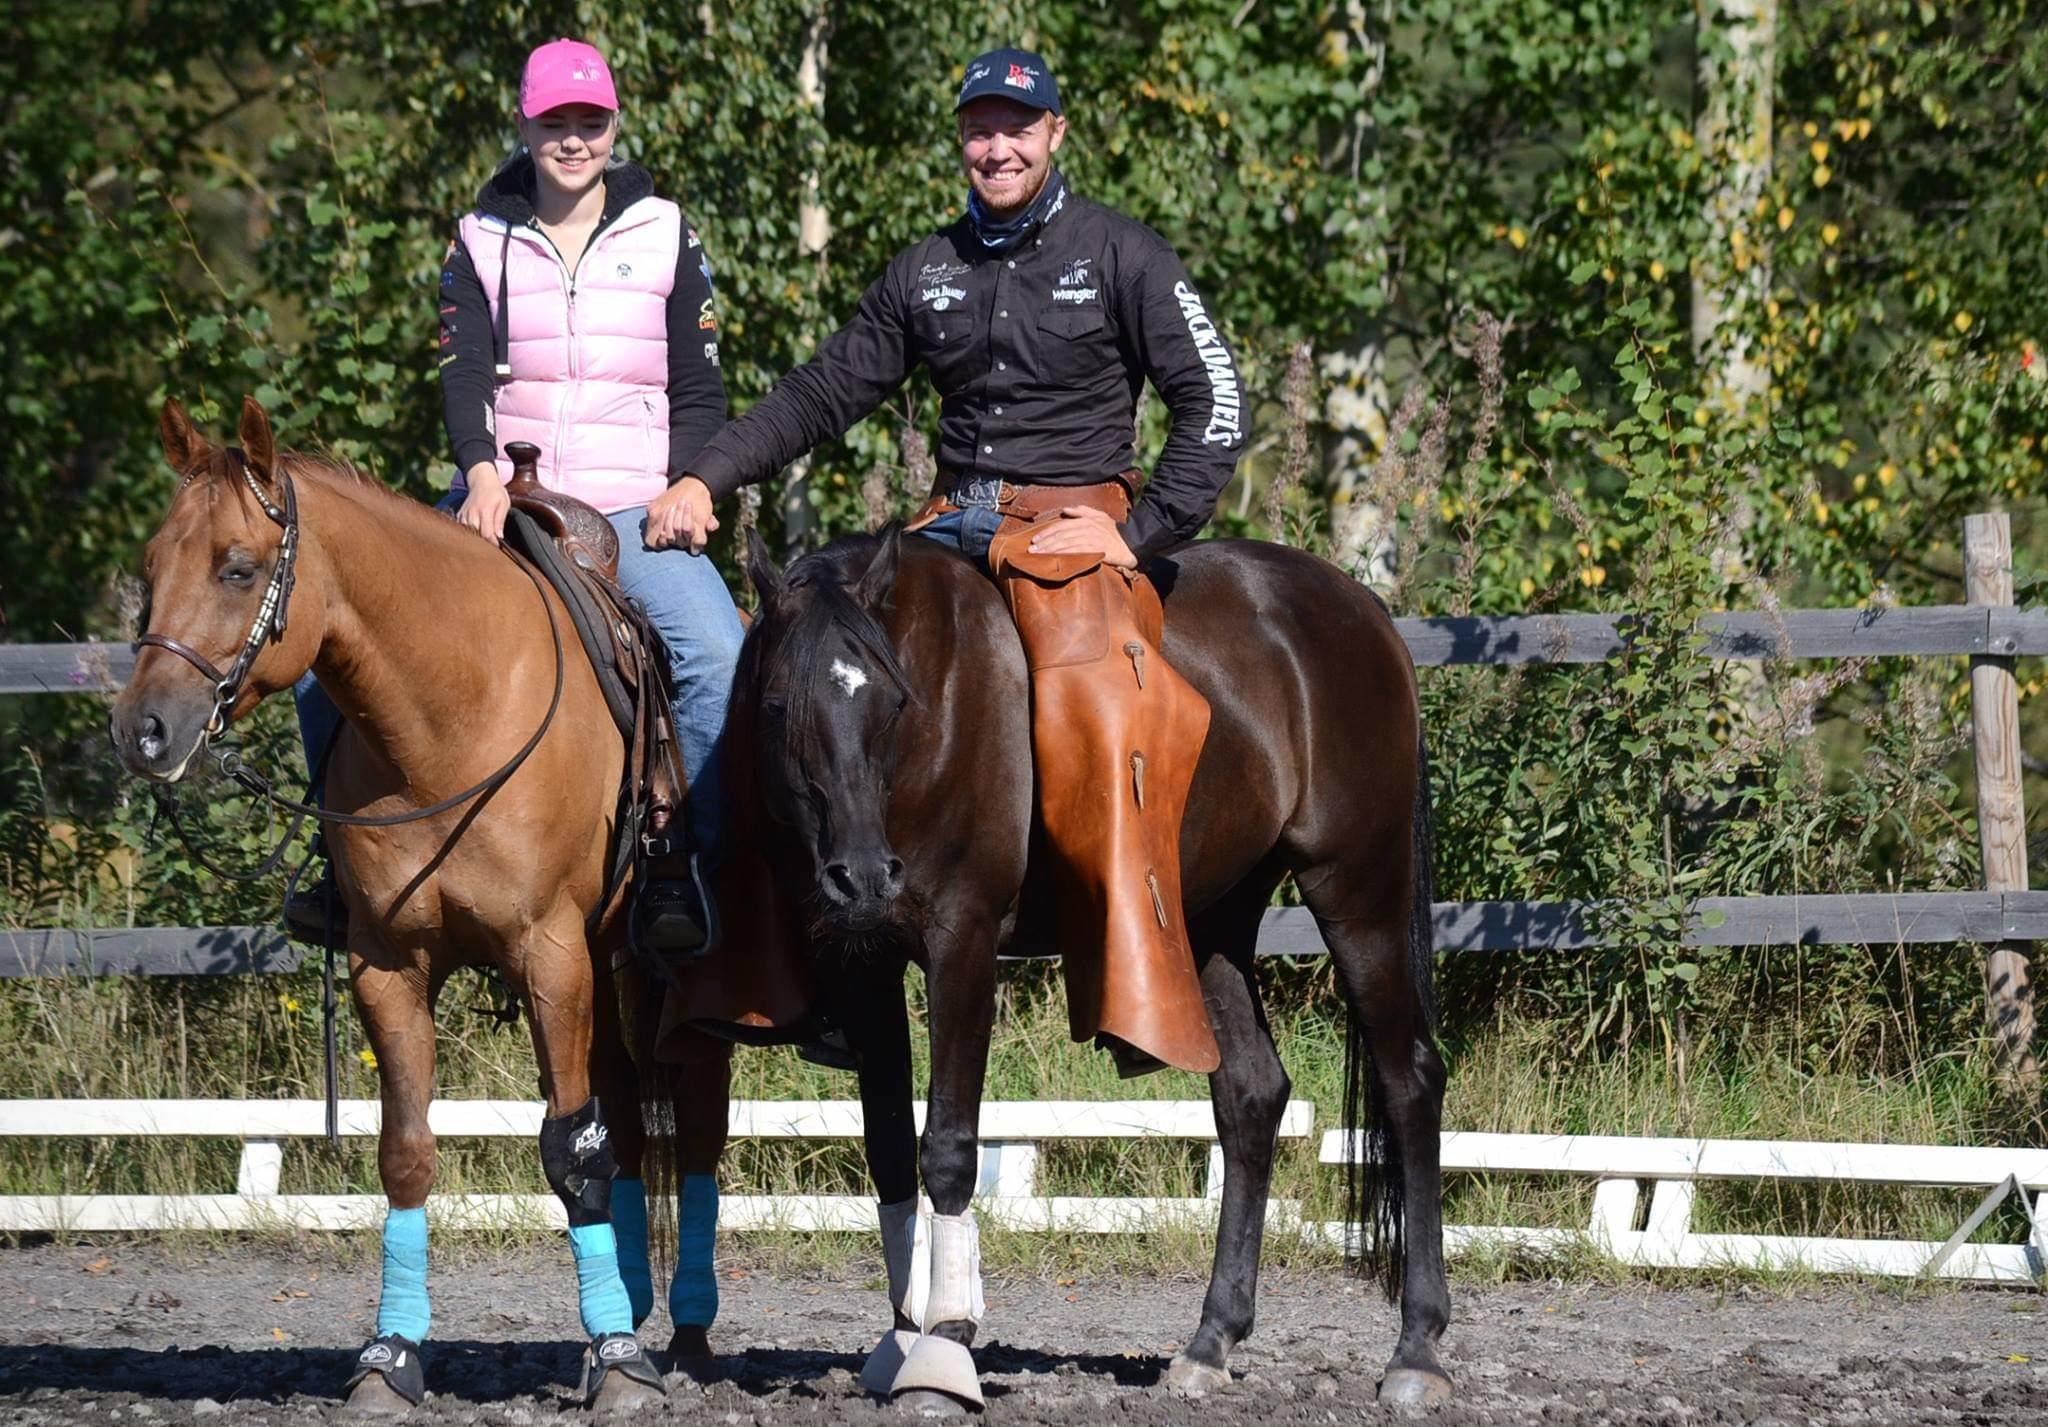 Hevosten ja ratsukoiden valmennukset